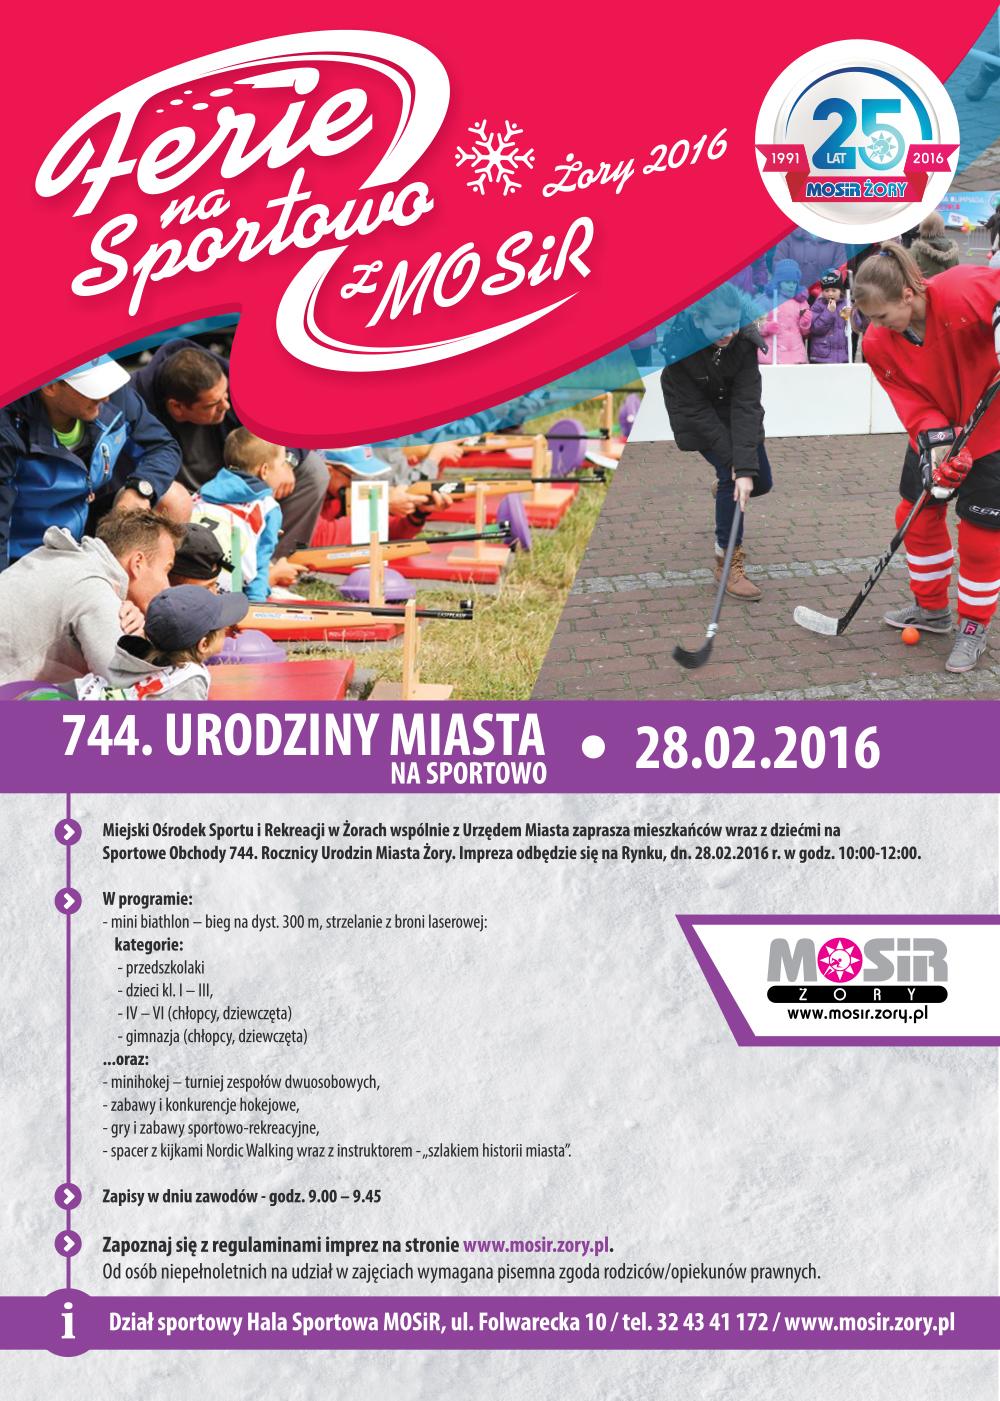 W niedzielę 28 lutego na żorskim Rynku odbędą się 744. Urodziny Miasta Żory, które celebrowane będą na sportowo